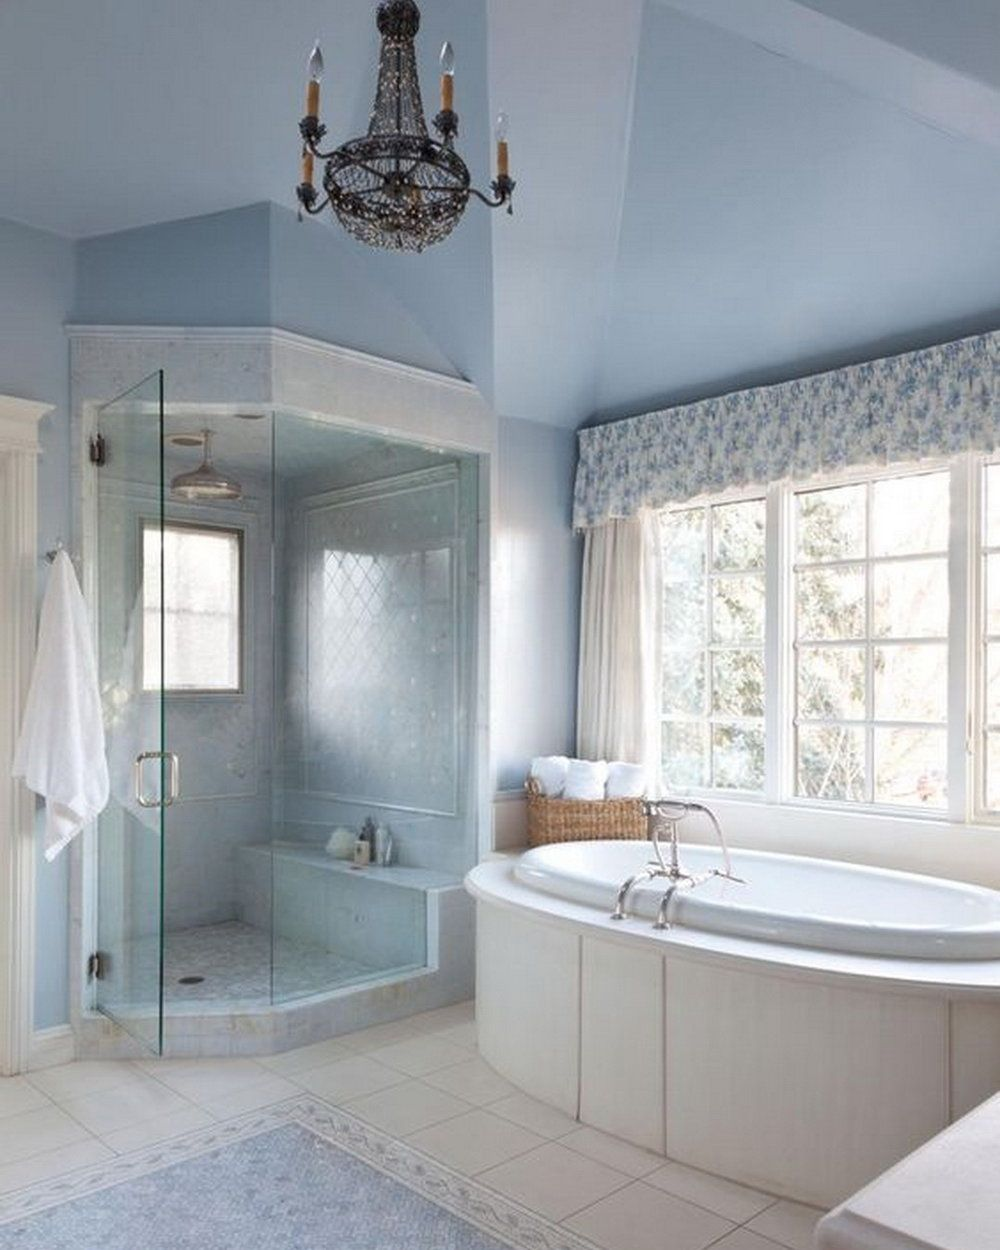 12 Luxurious Bathroom Design Ideas 12 Luxurious